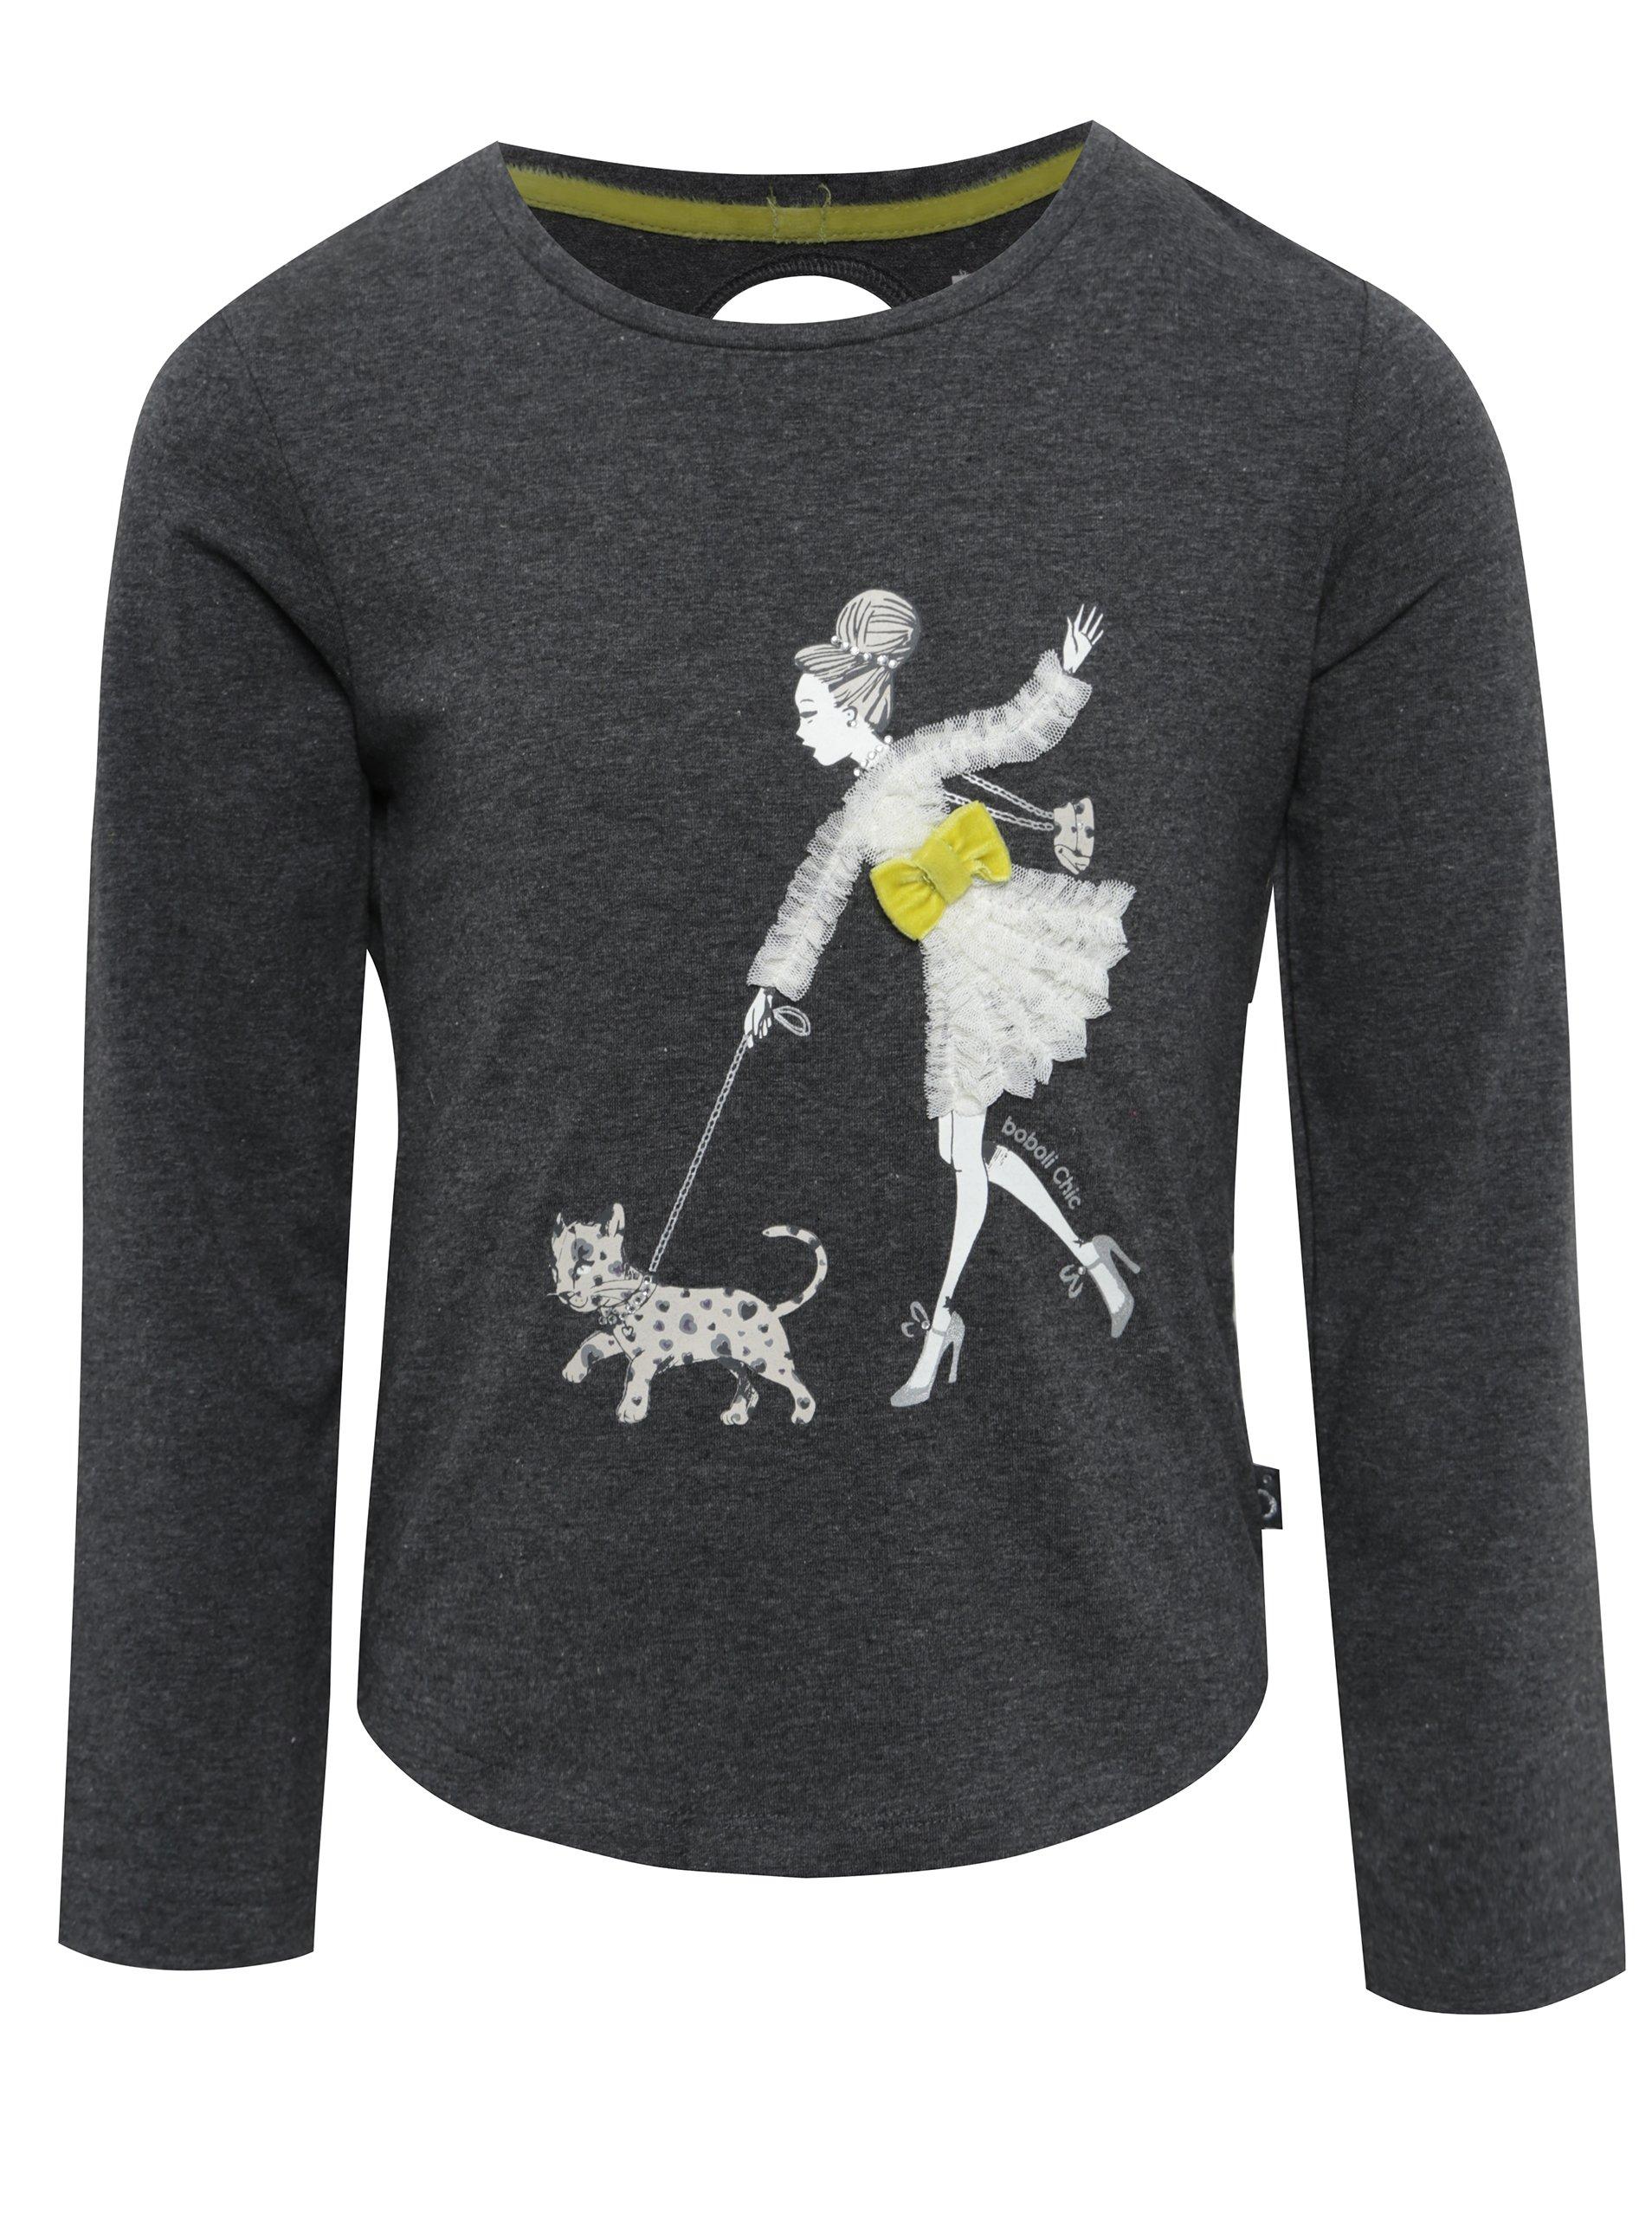 e0e51d9baae Tmavě šedé holčičí tričko s potiskem a průstřihem na zádech BÓBOLI Holky    Topy